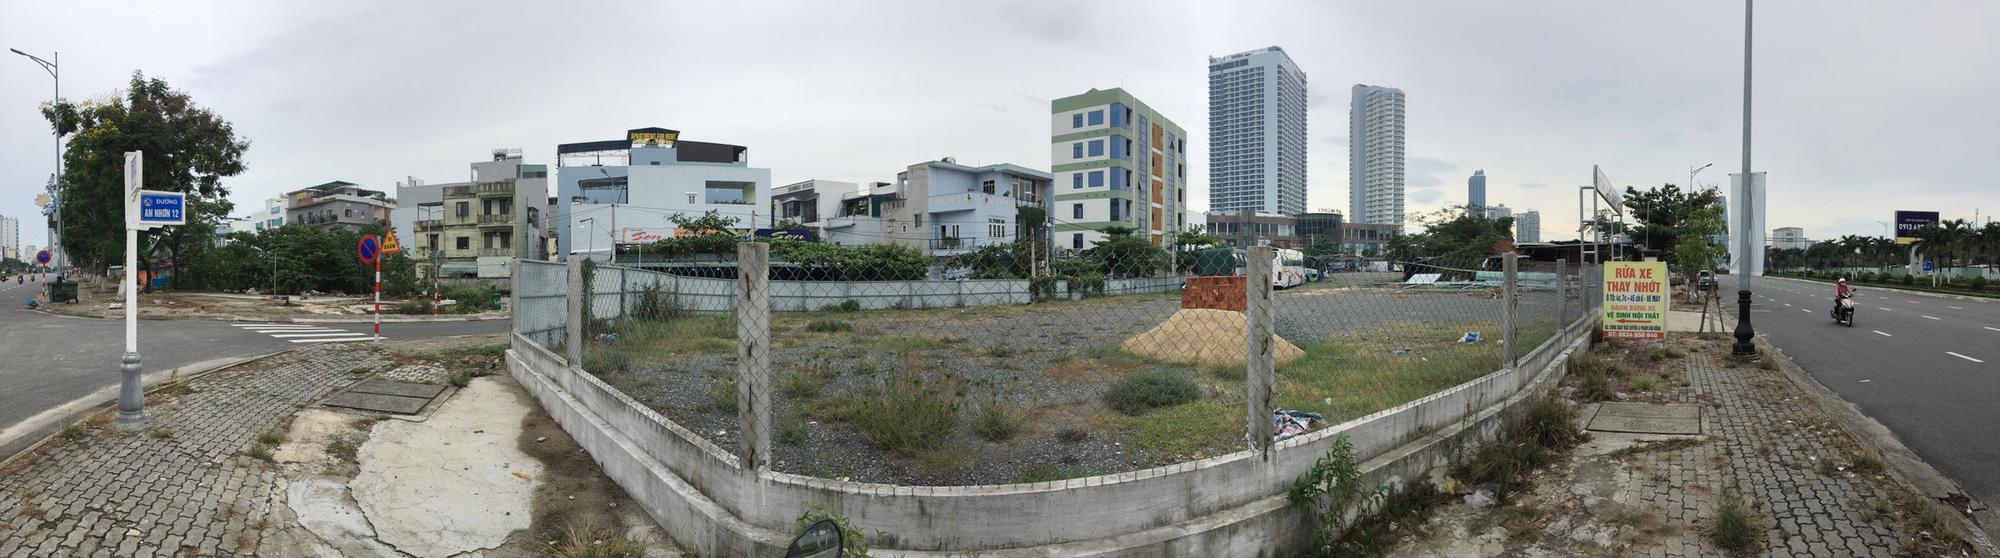 Cận cảnh hai khu đất sát Vincom Đà Nẵng sẽ đấu giá làm bãi đỗ xe - Ảnh 2.